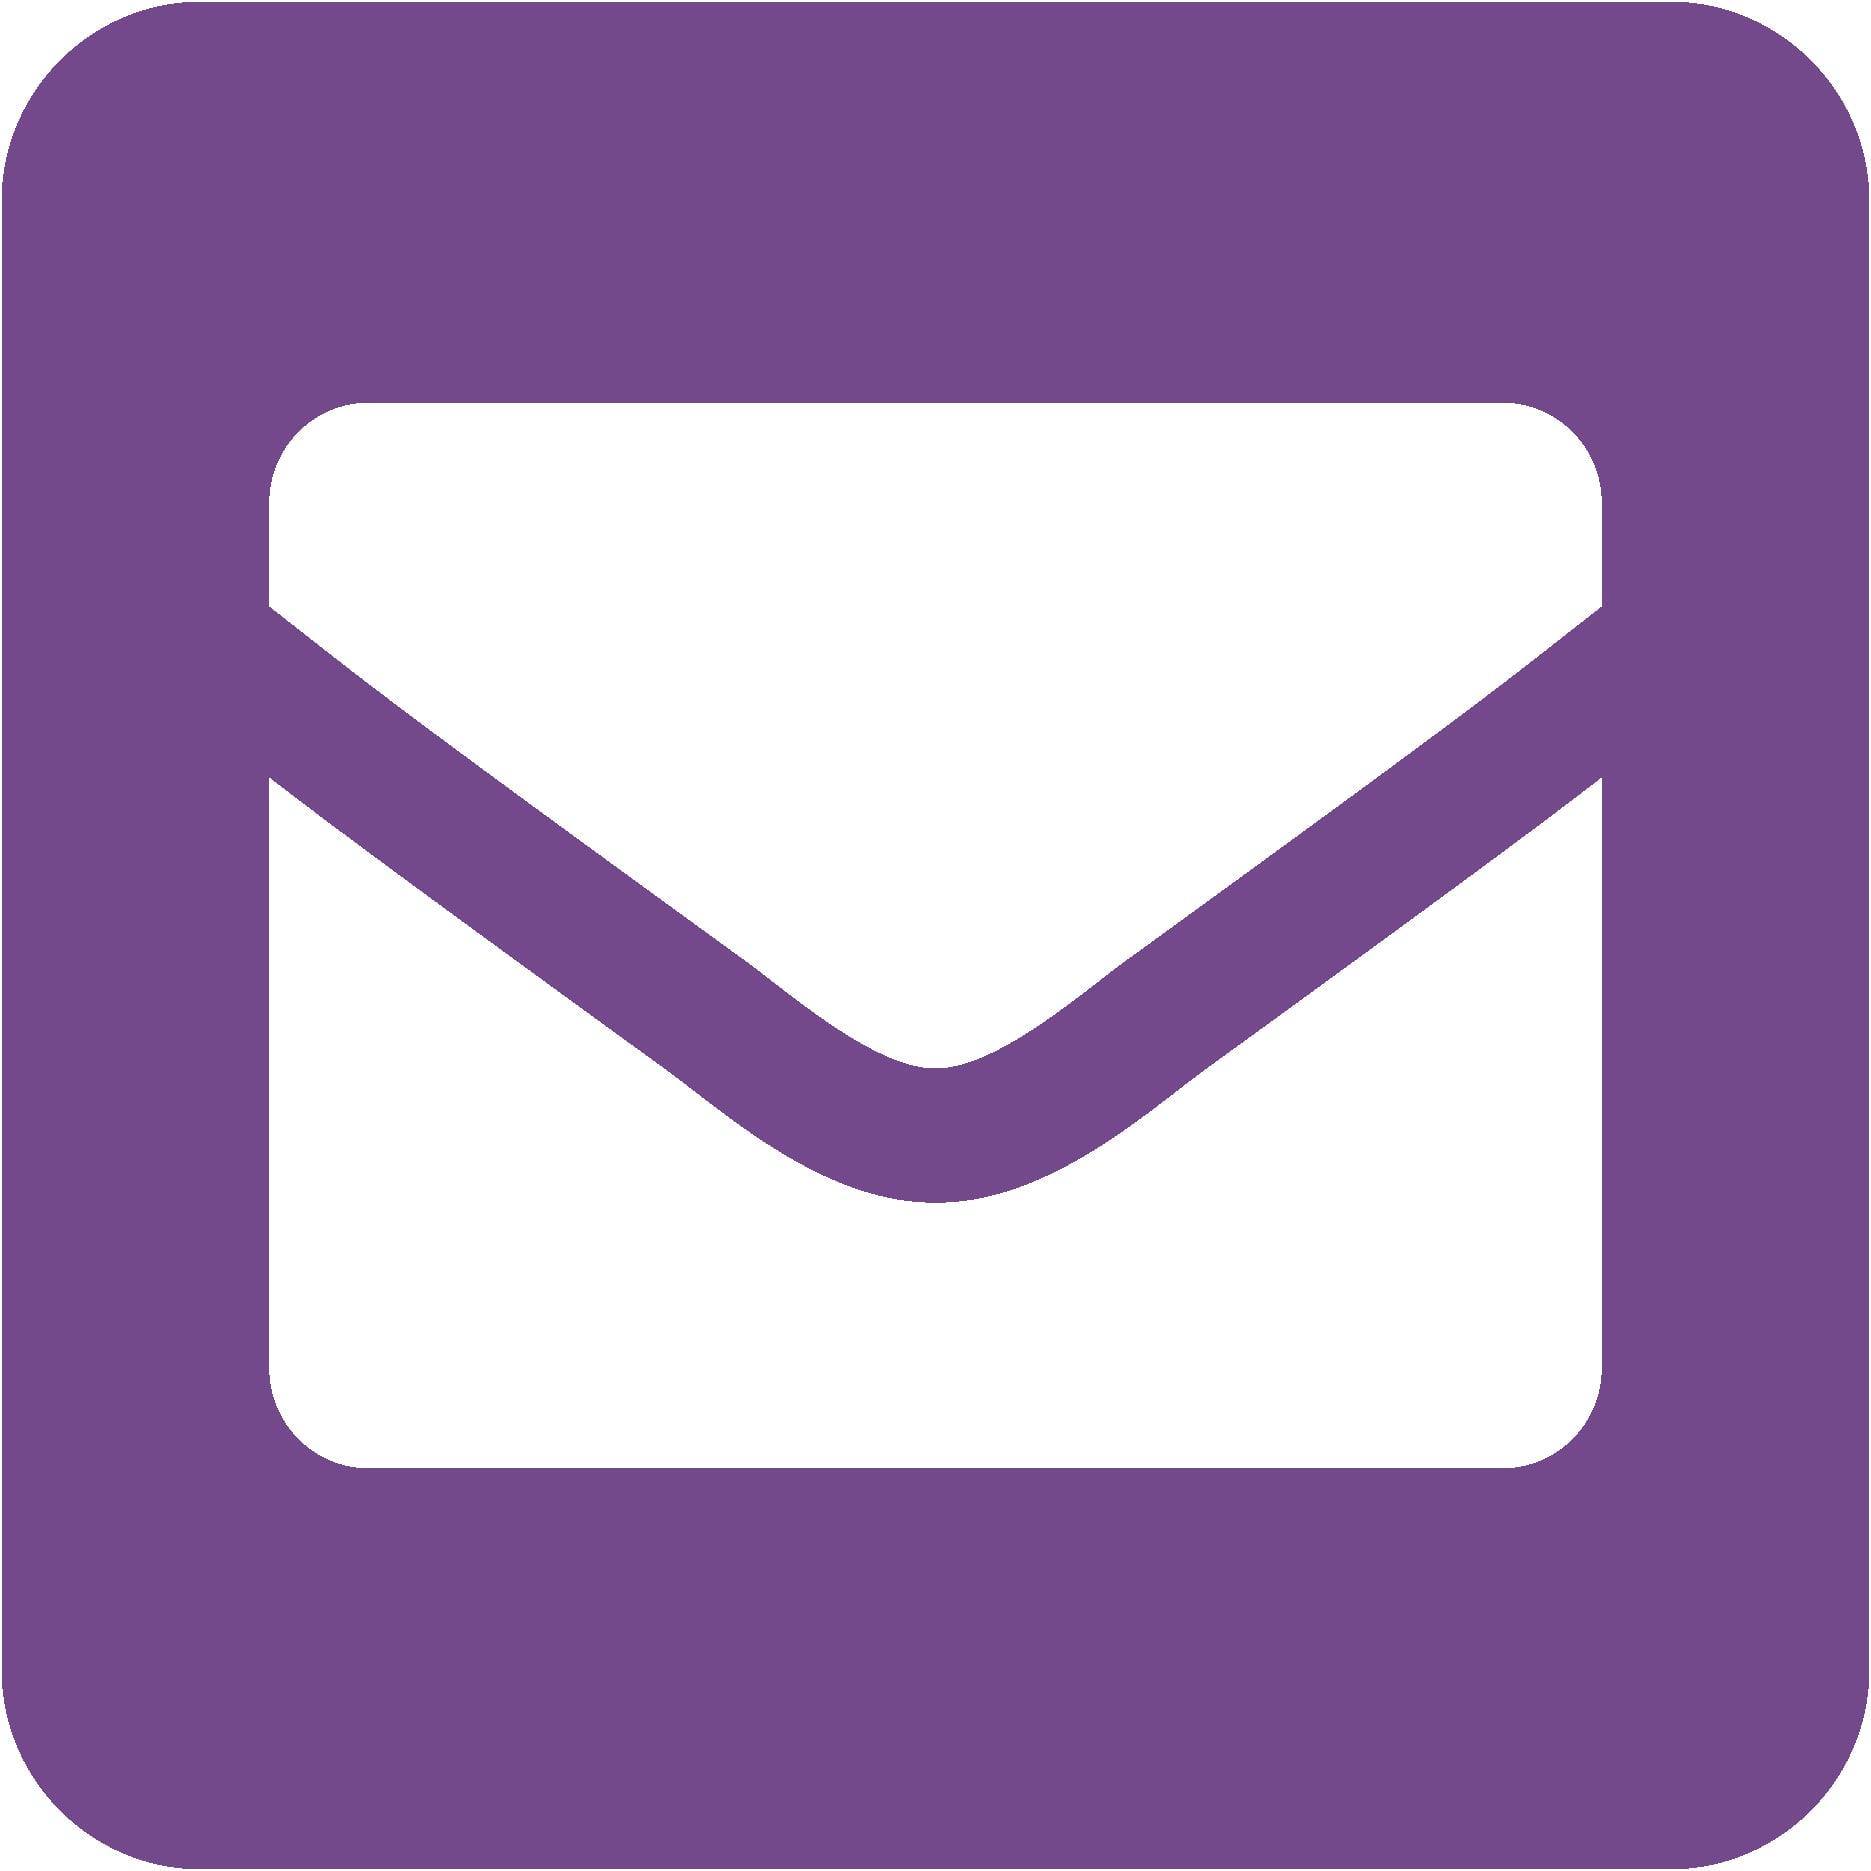 RRUW Newsletter